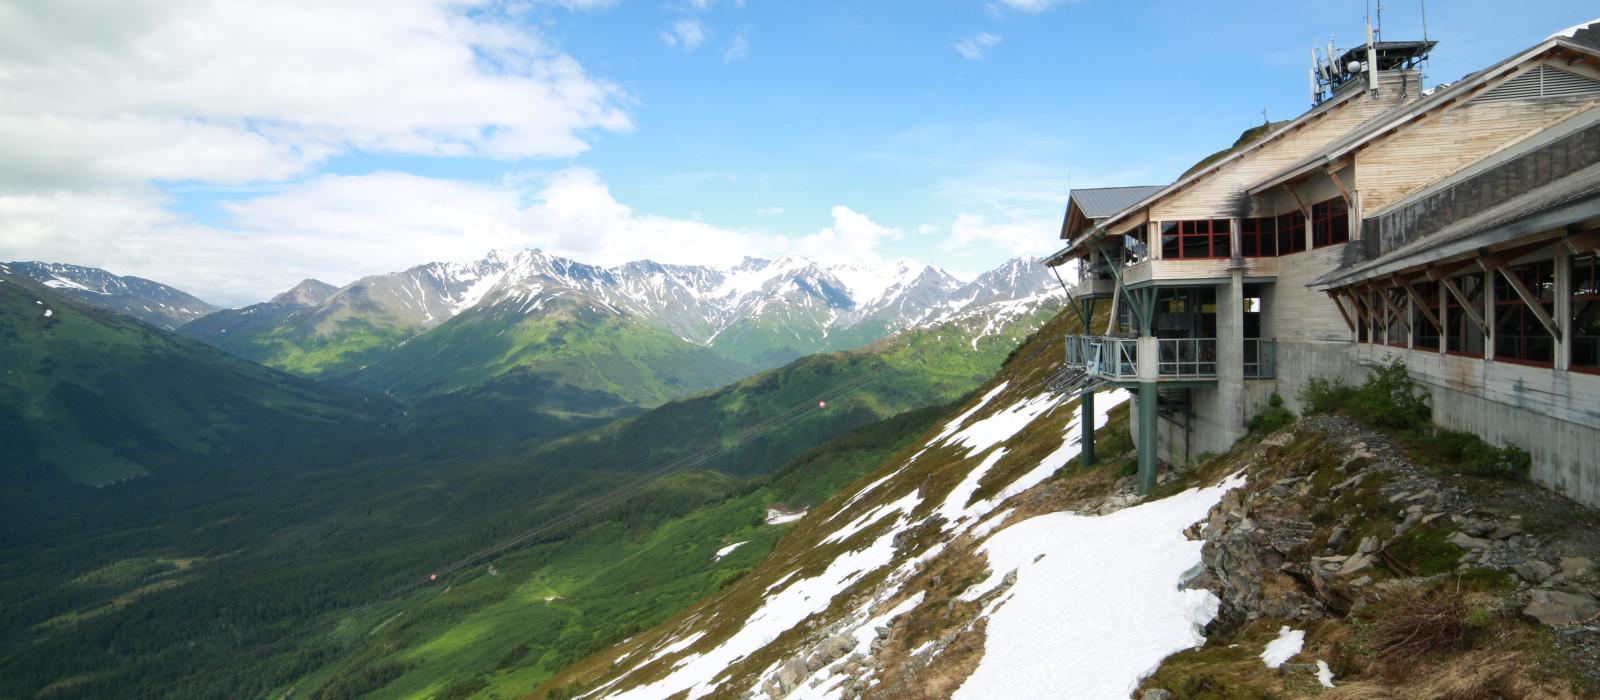 Destination Girdwood Alaska